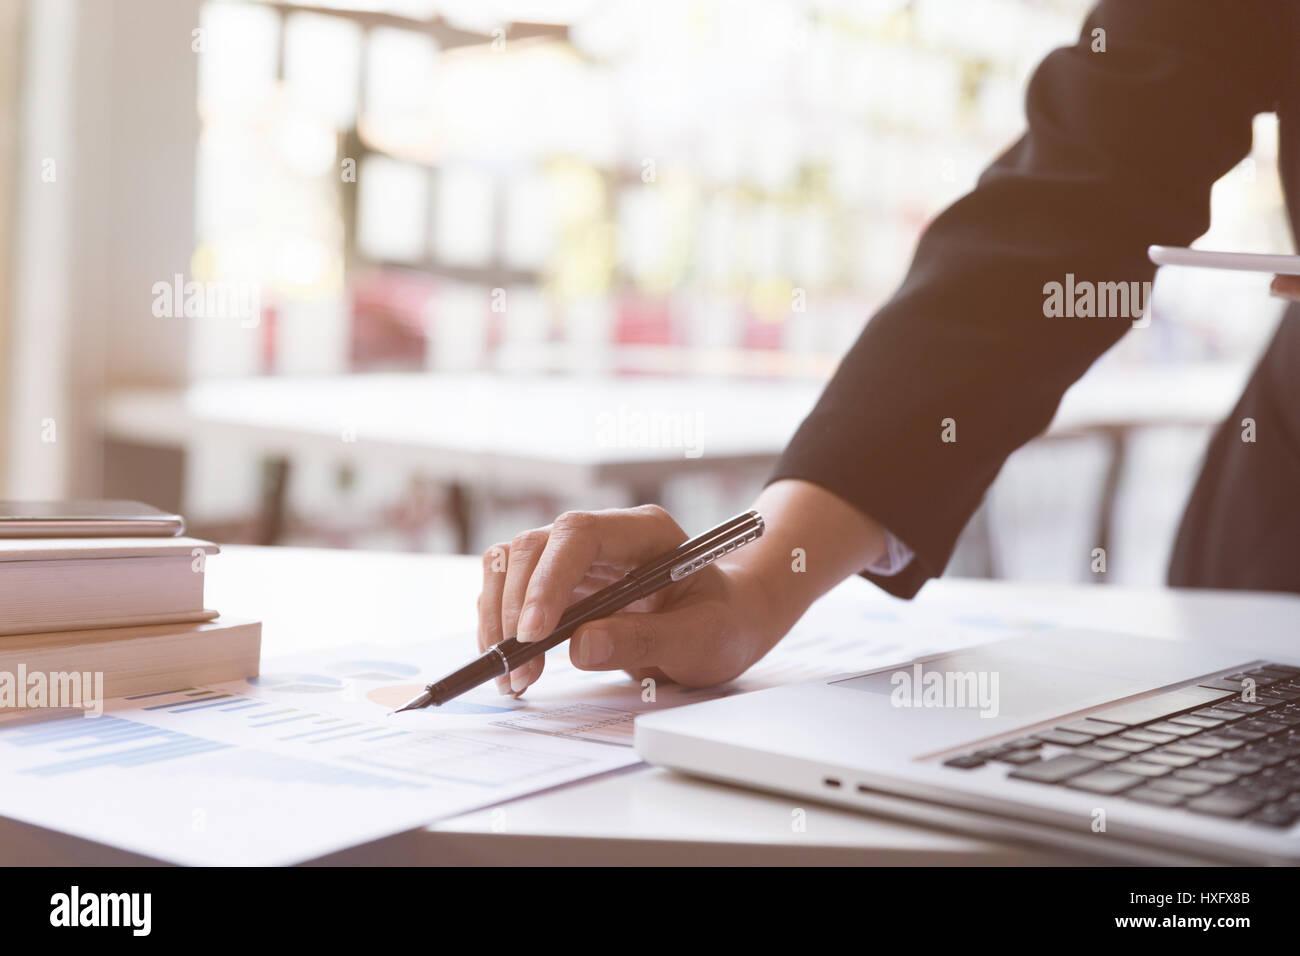 Mujer trabajadora mano sosteniendo pen con resumen de Negocio o Business Plan informe con gráficos y diagramas Imagen De Stock